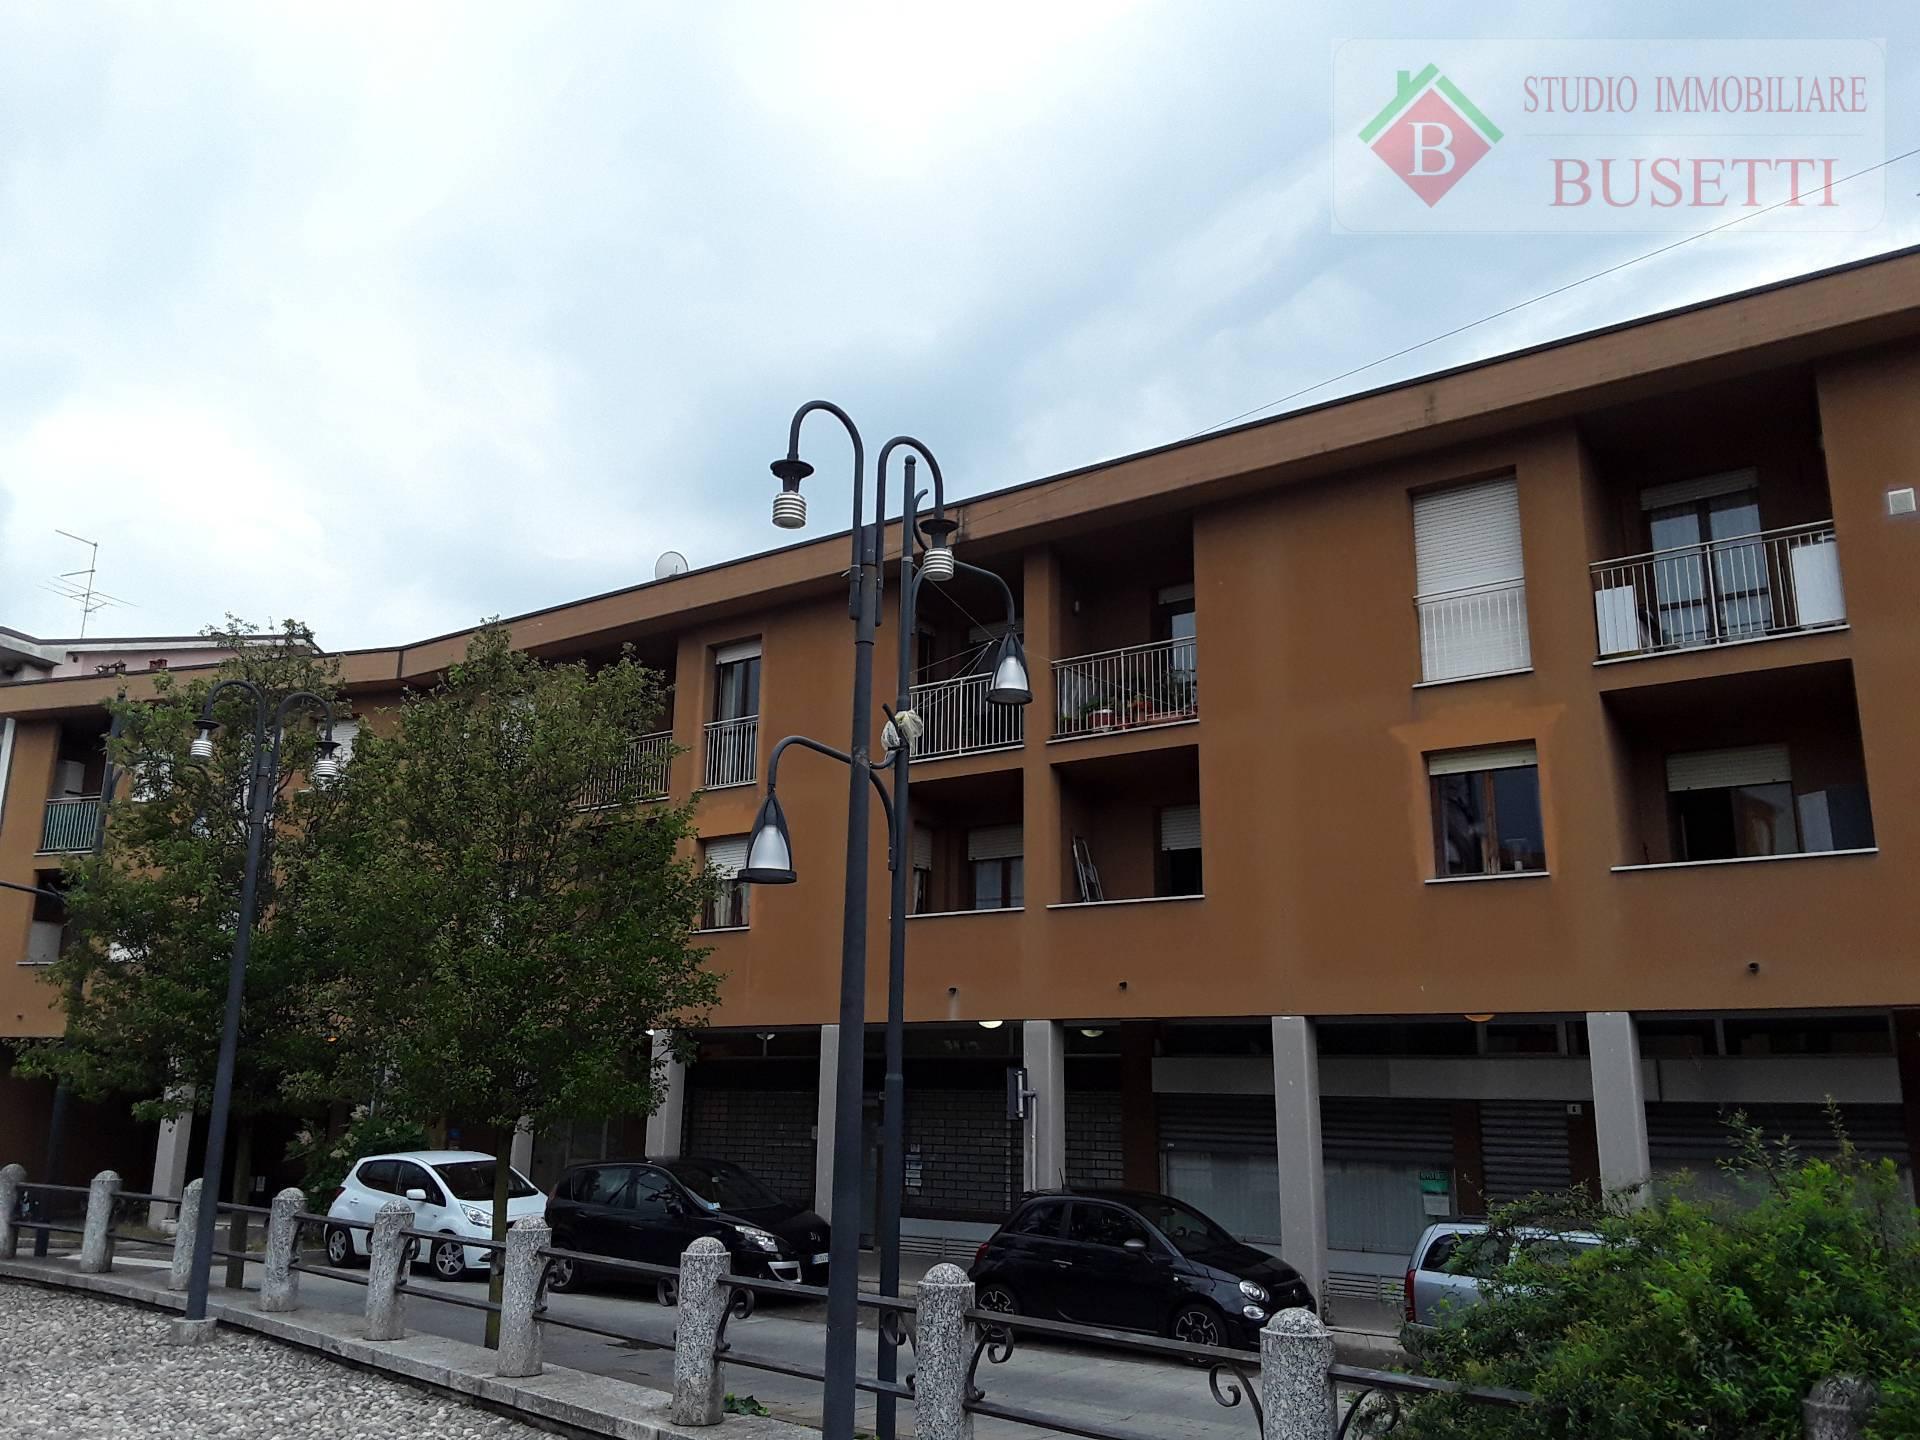 Appartamento in vendita a Mozzate, 4 locali, prezzo € 138.000 | CambioCasa.it